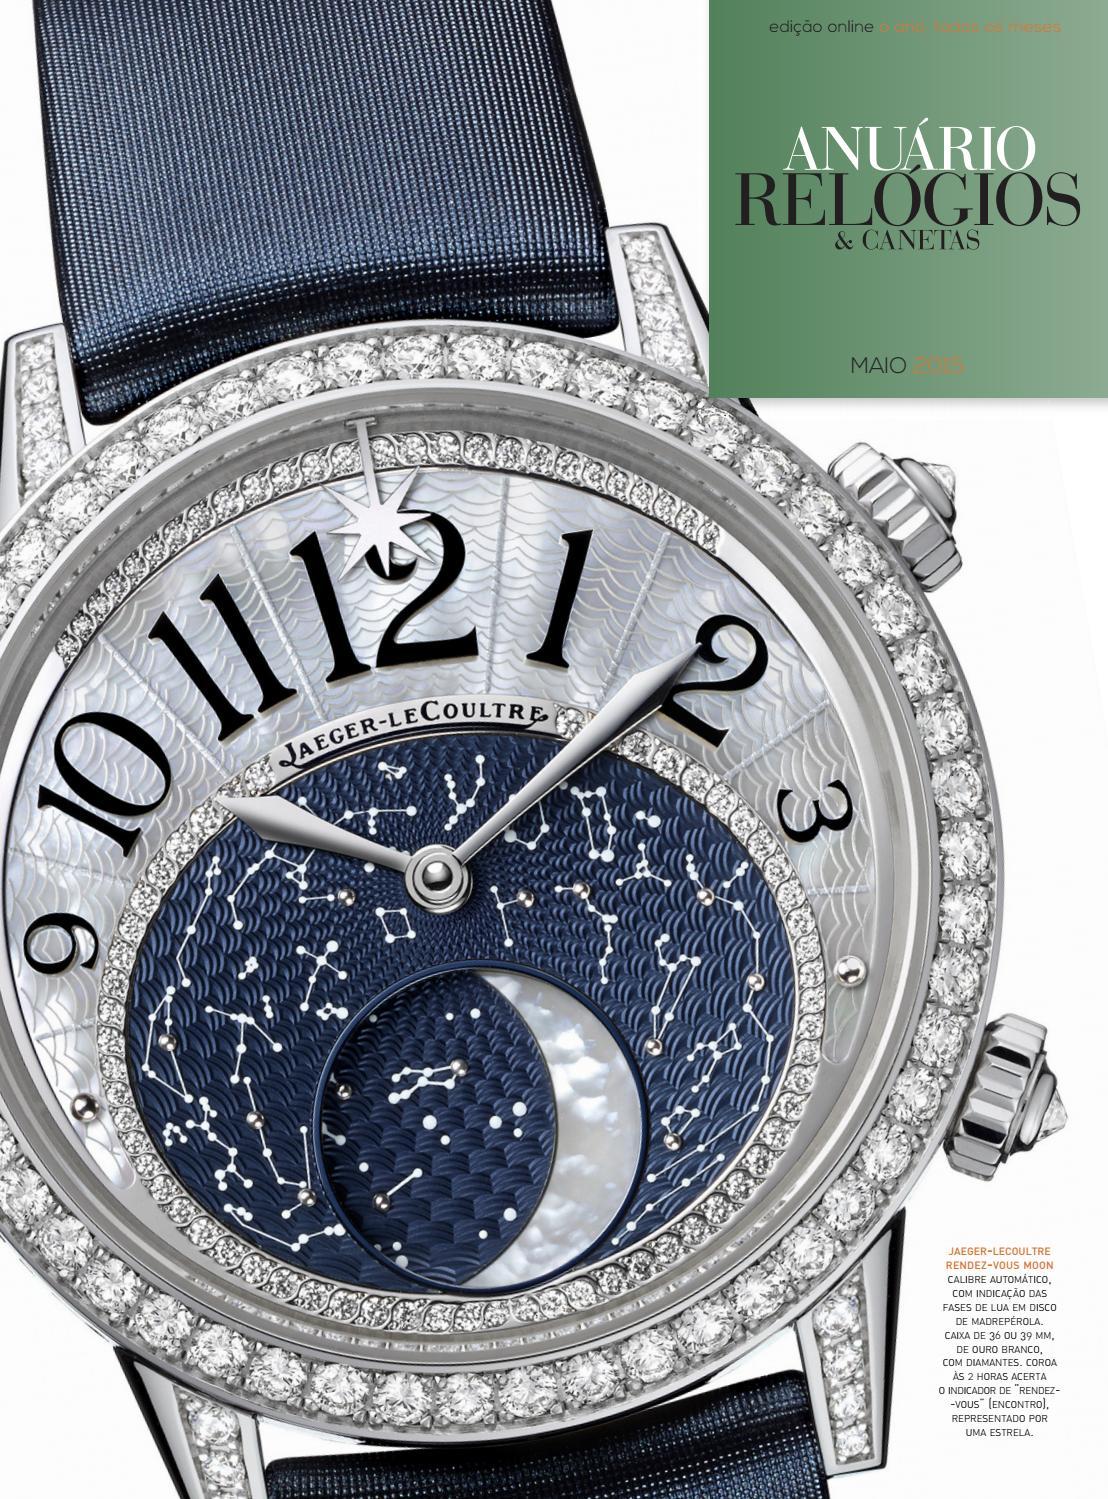 9a568d37f9b Anuário Relógios   Canetas - Maio 2015 by Anuário Relógios   Canetas - issuu